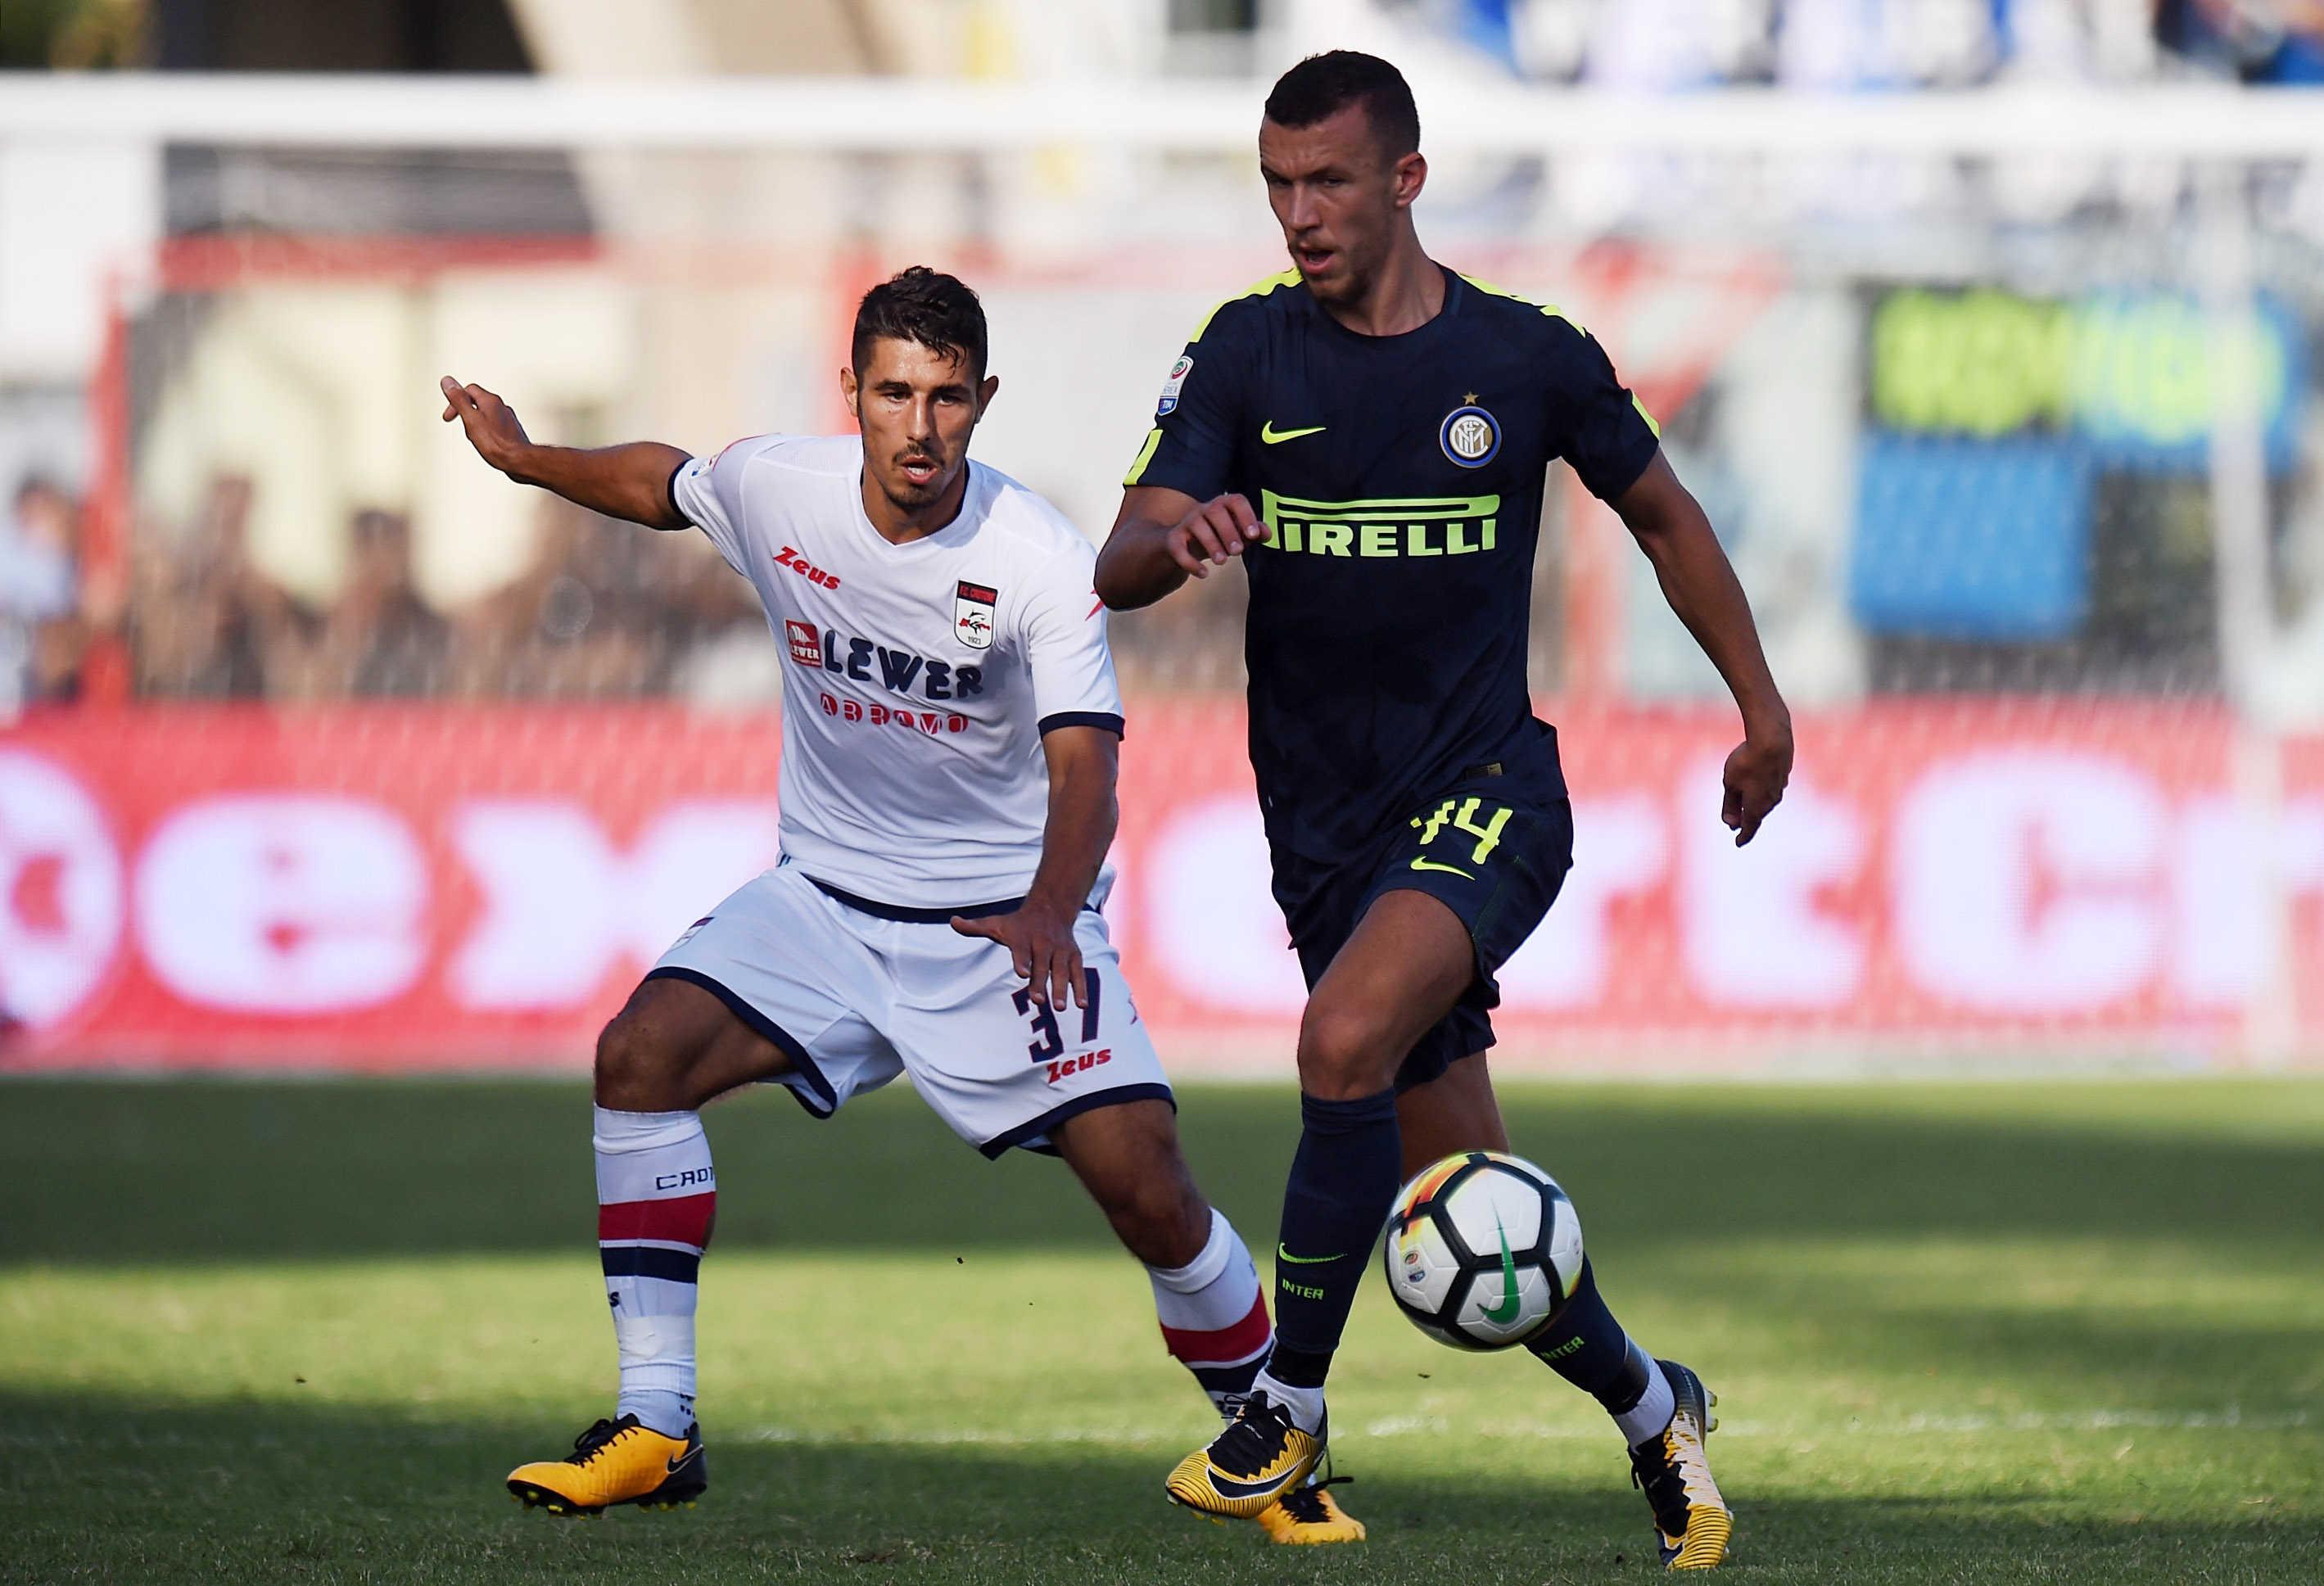 Nhận định Bolgona vs Inter Milan, 01h45 ngày 20/09: Trên đà thăng hoa